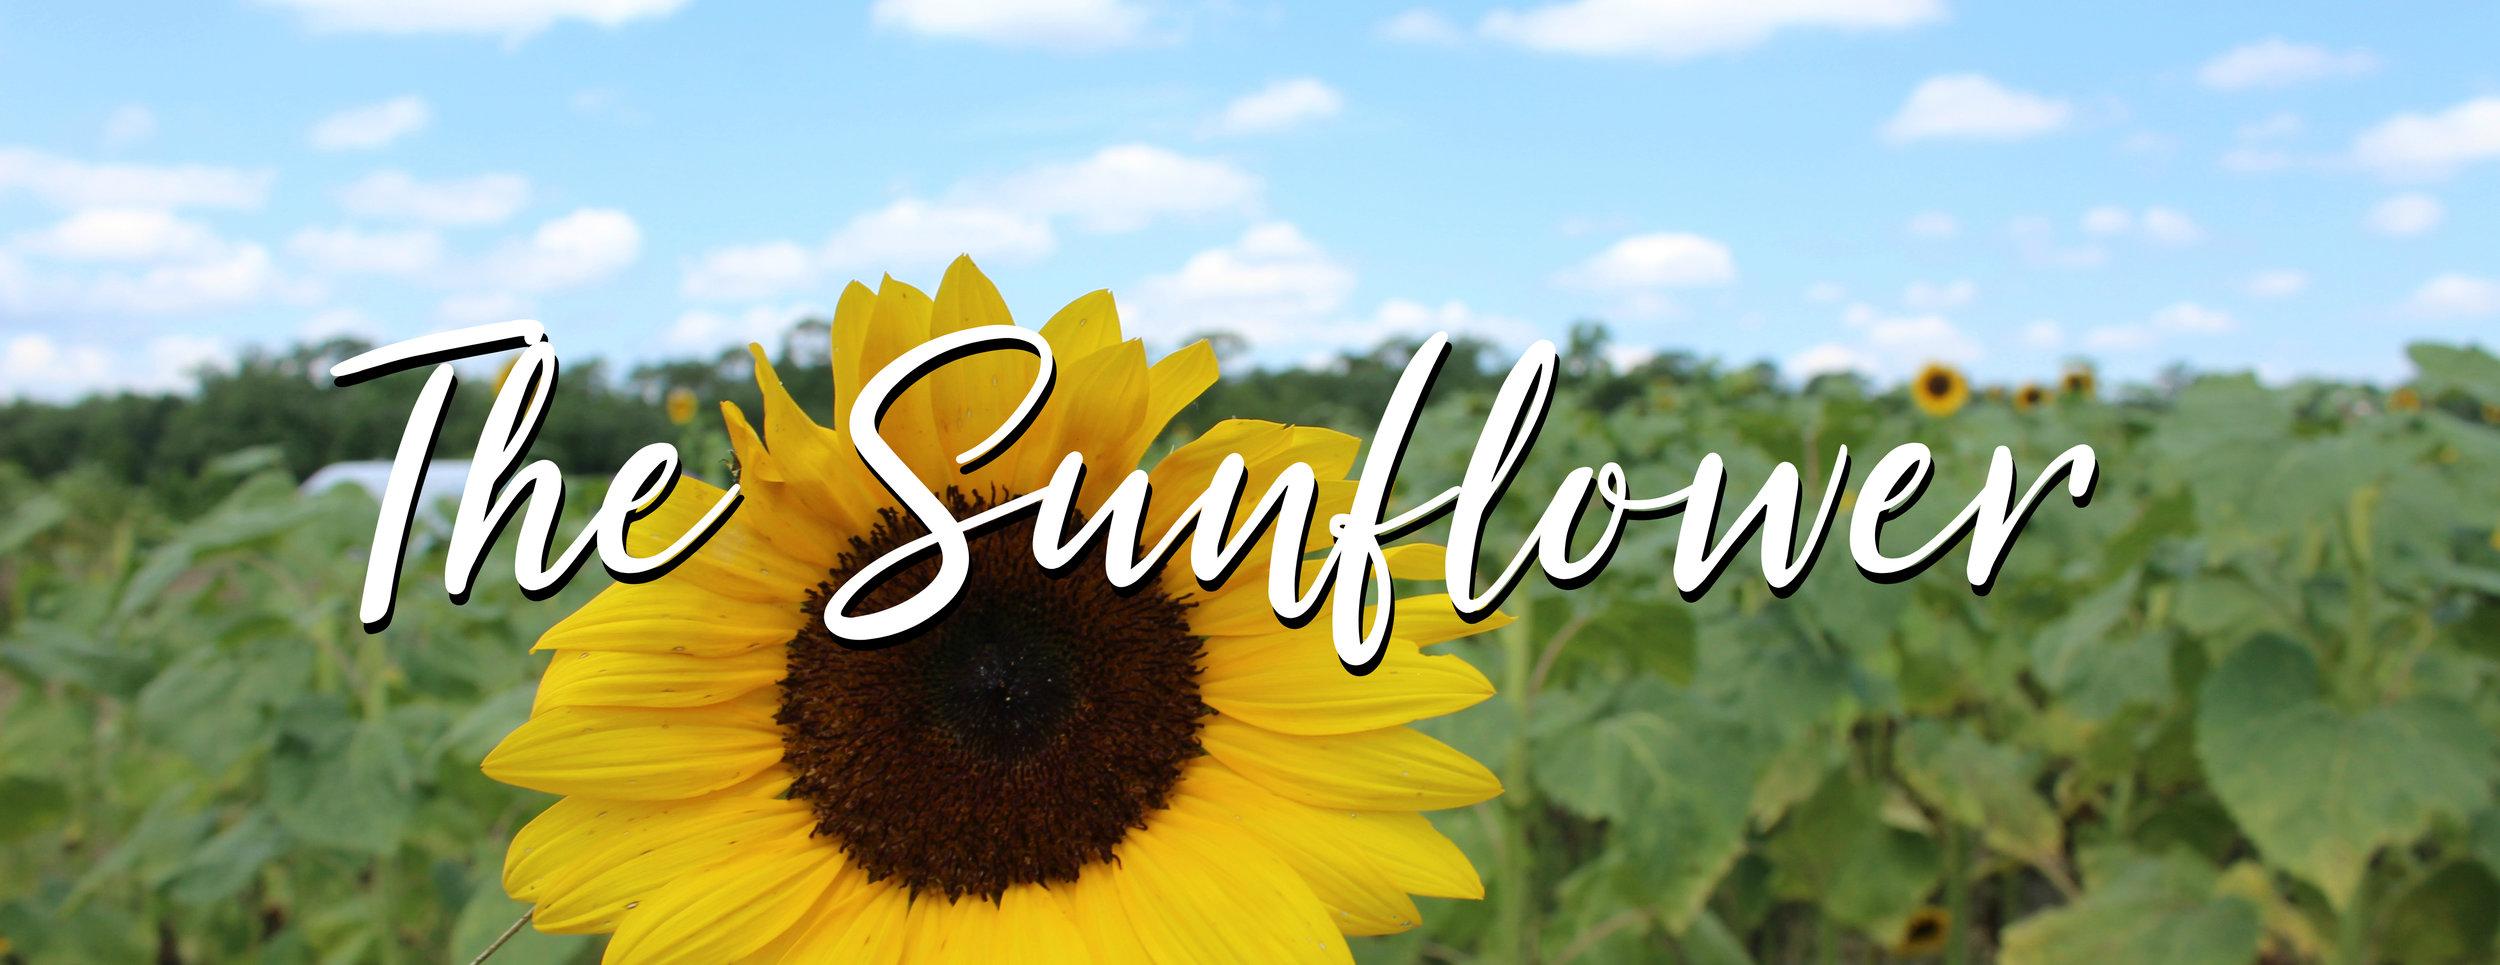 Michelle Jester The Sunflower2.jpg